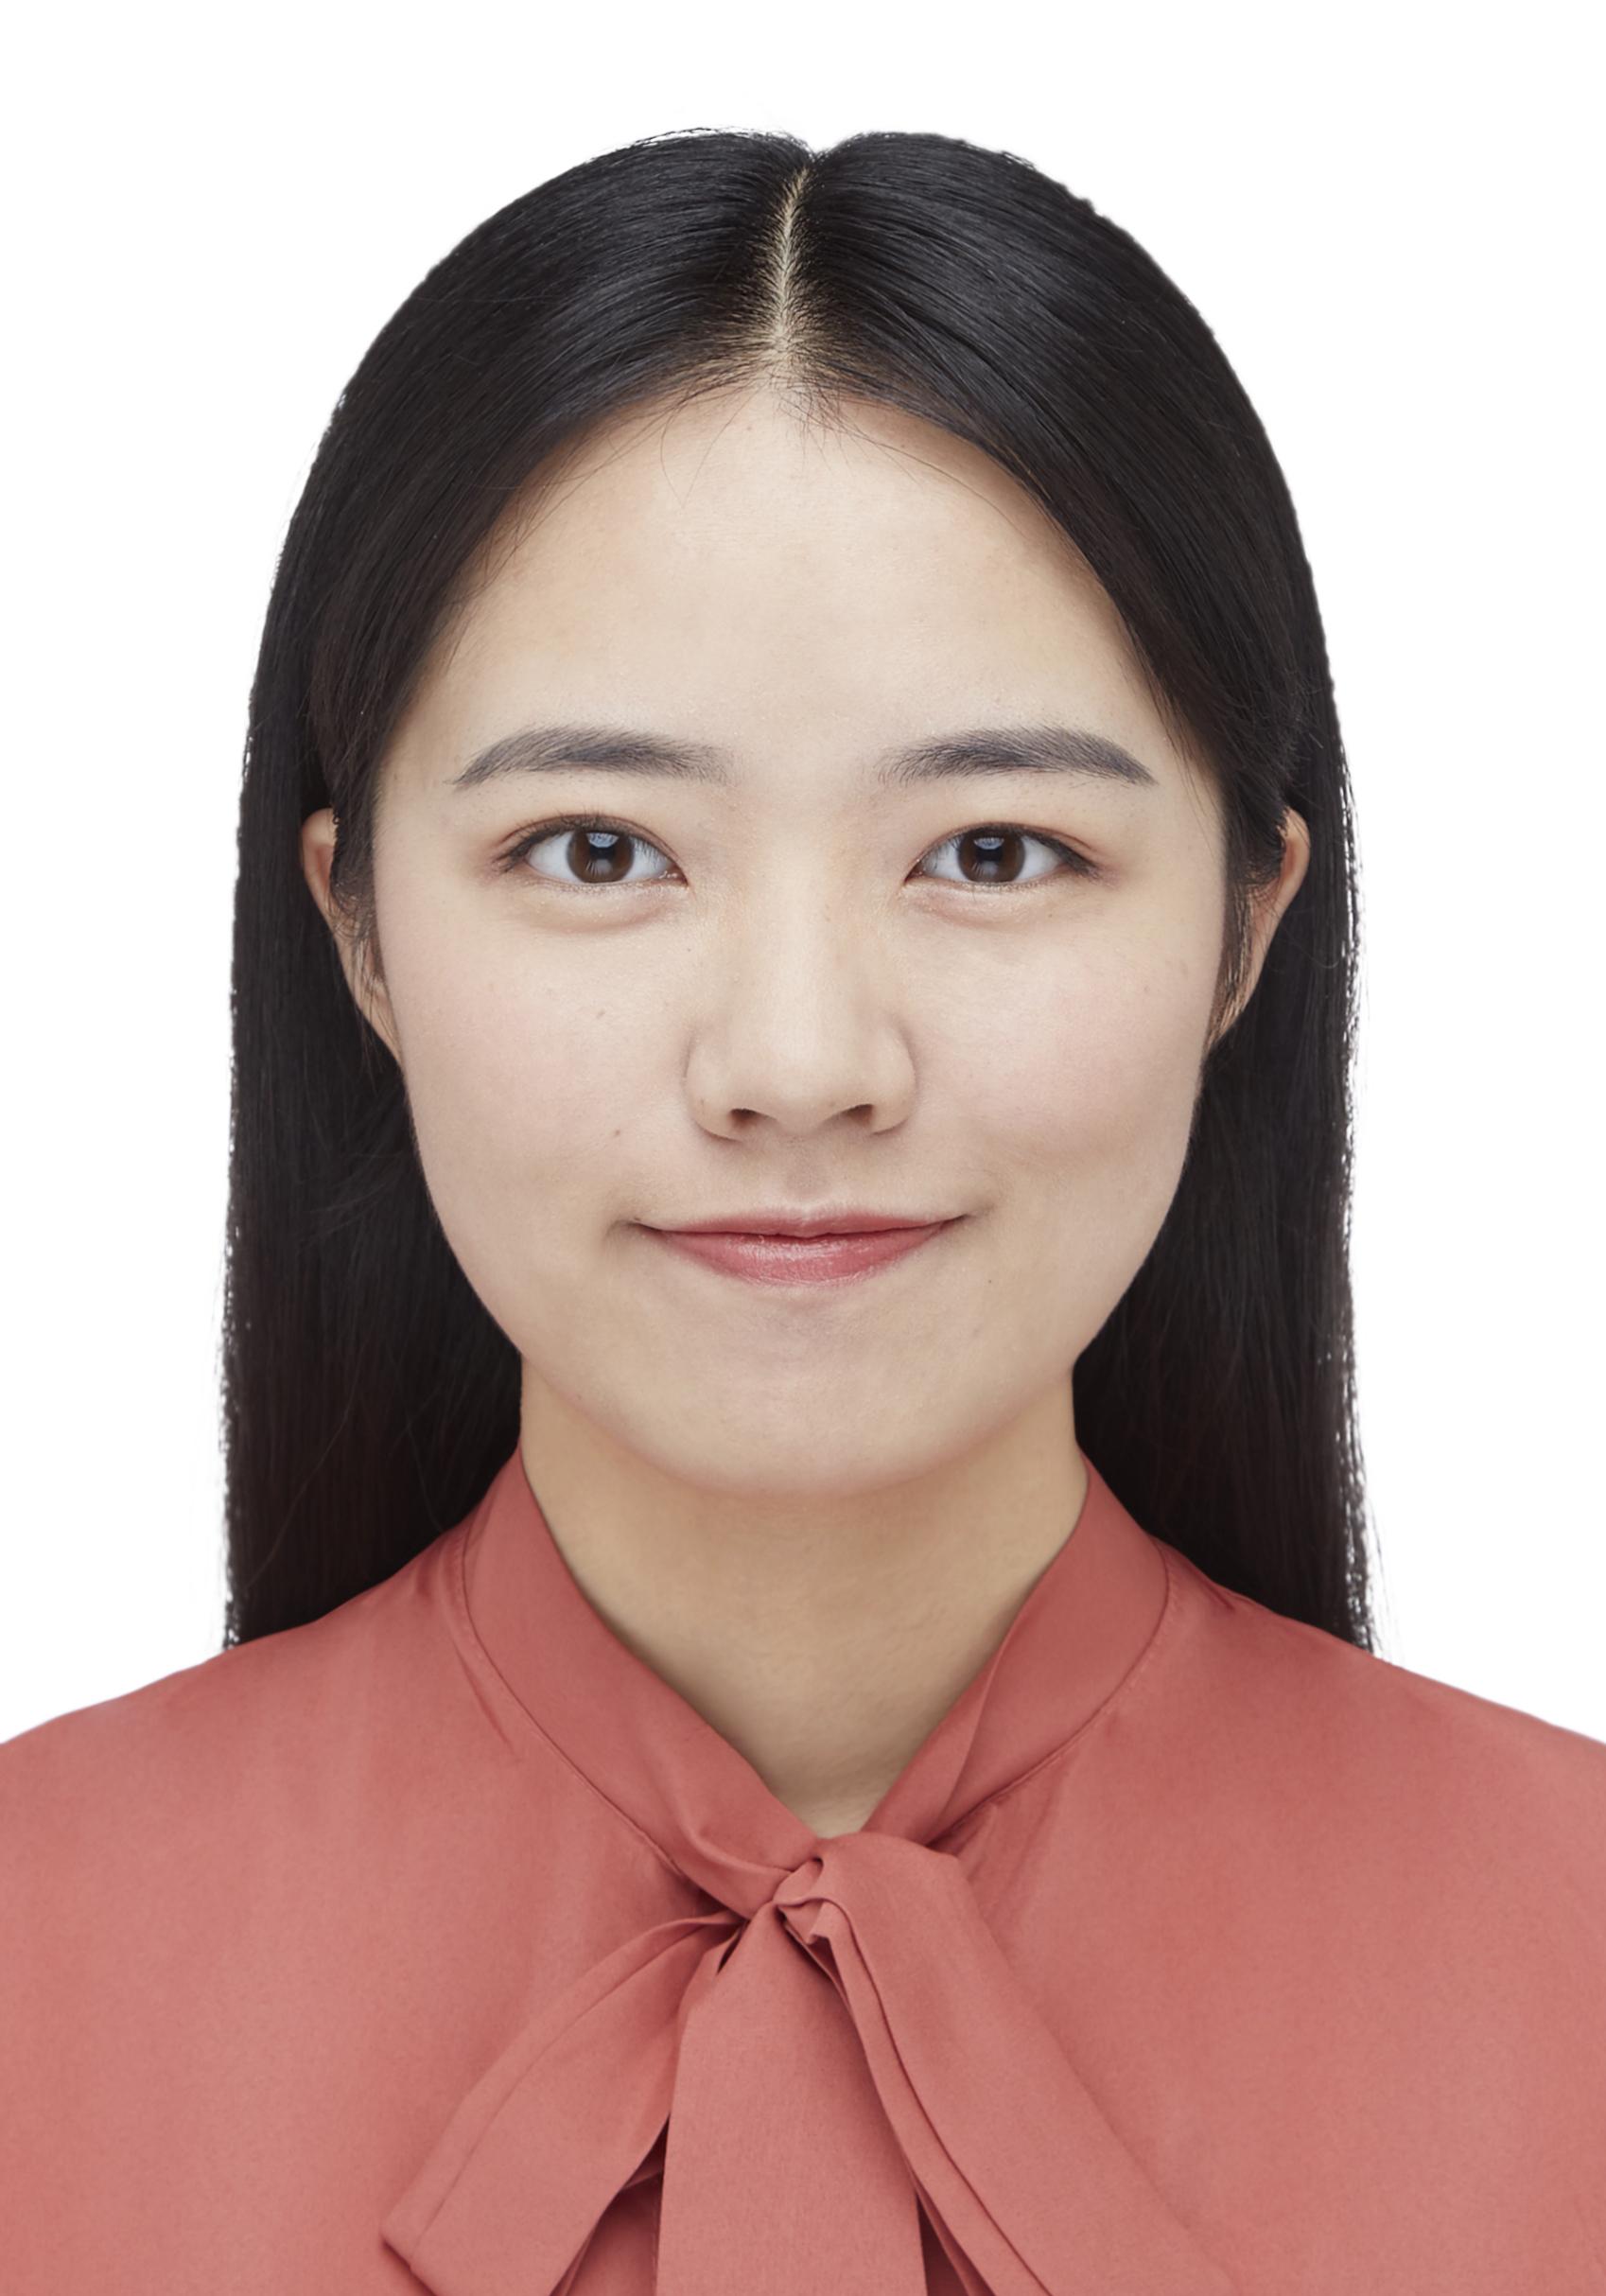 北京家教邱教员